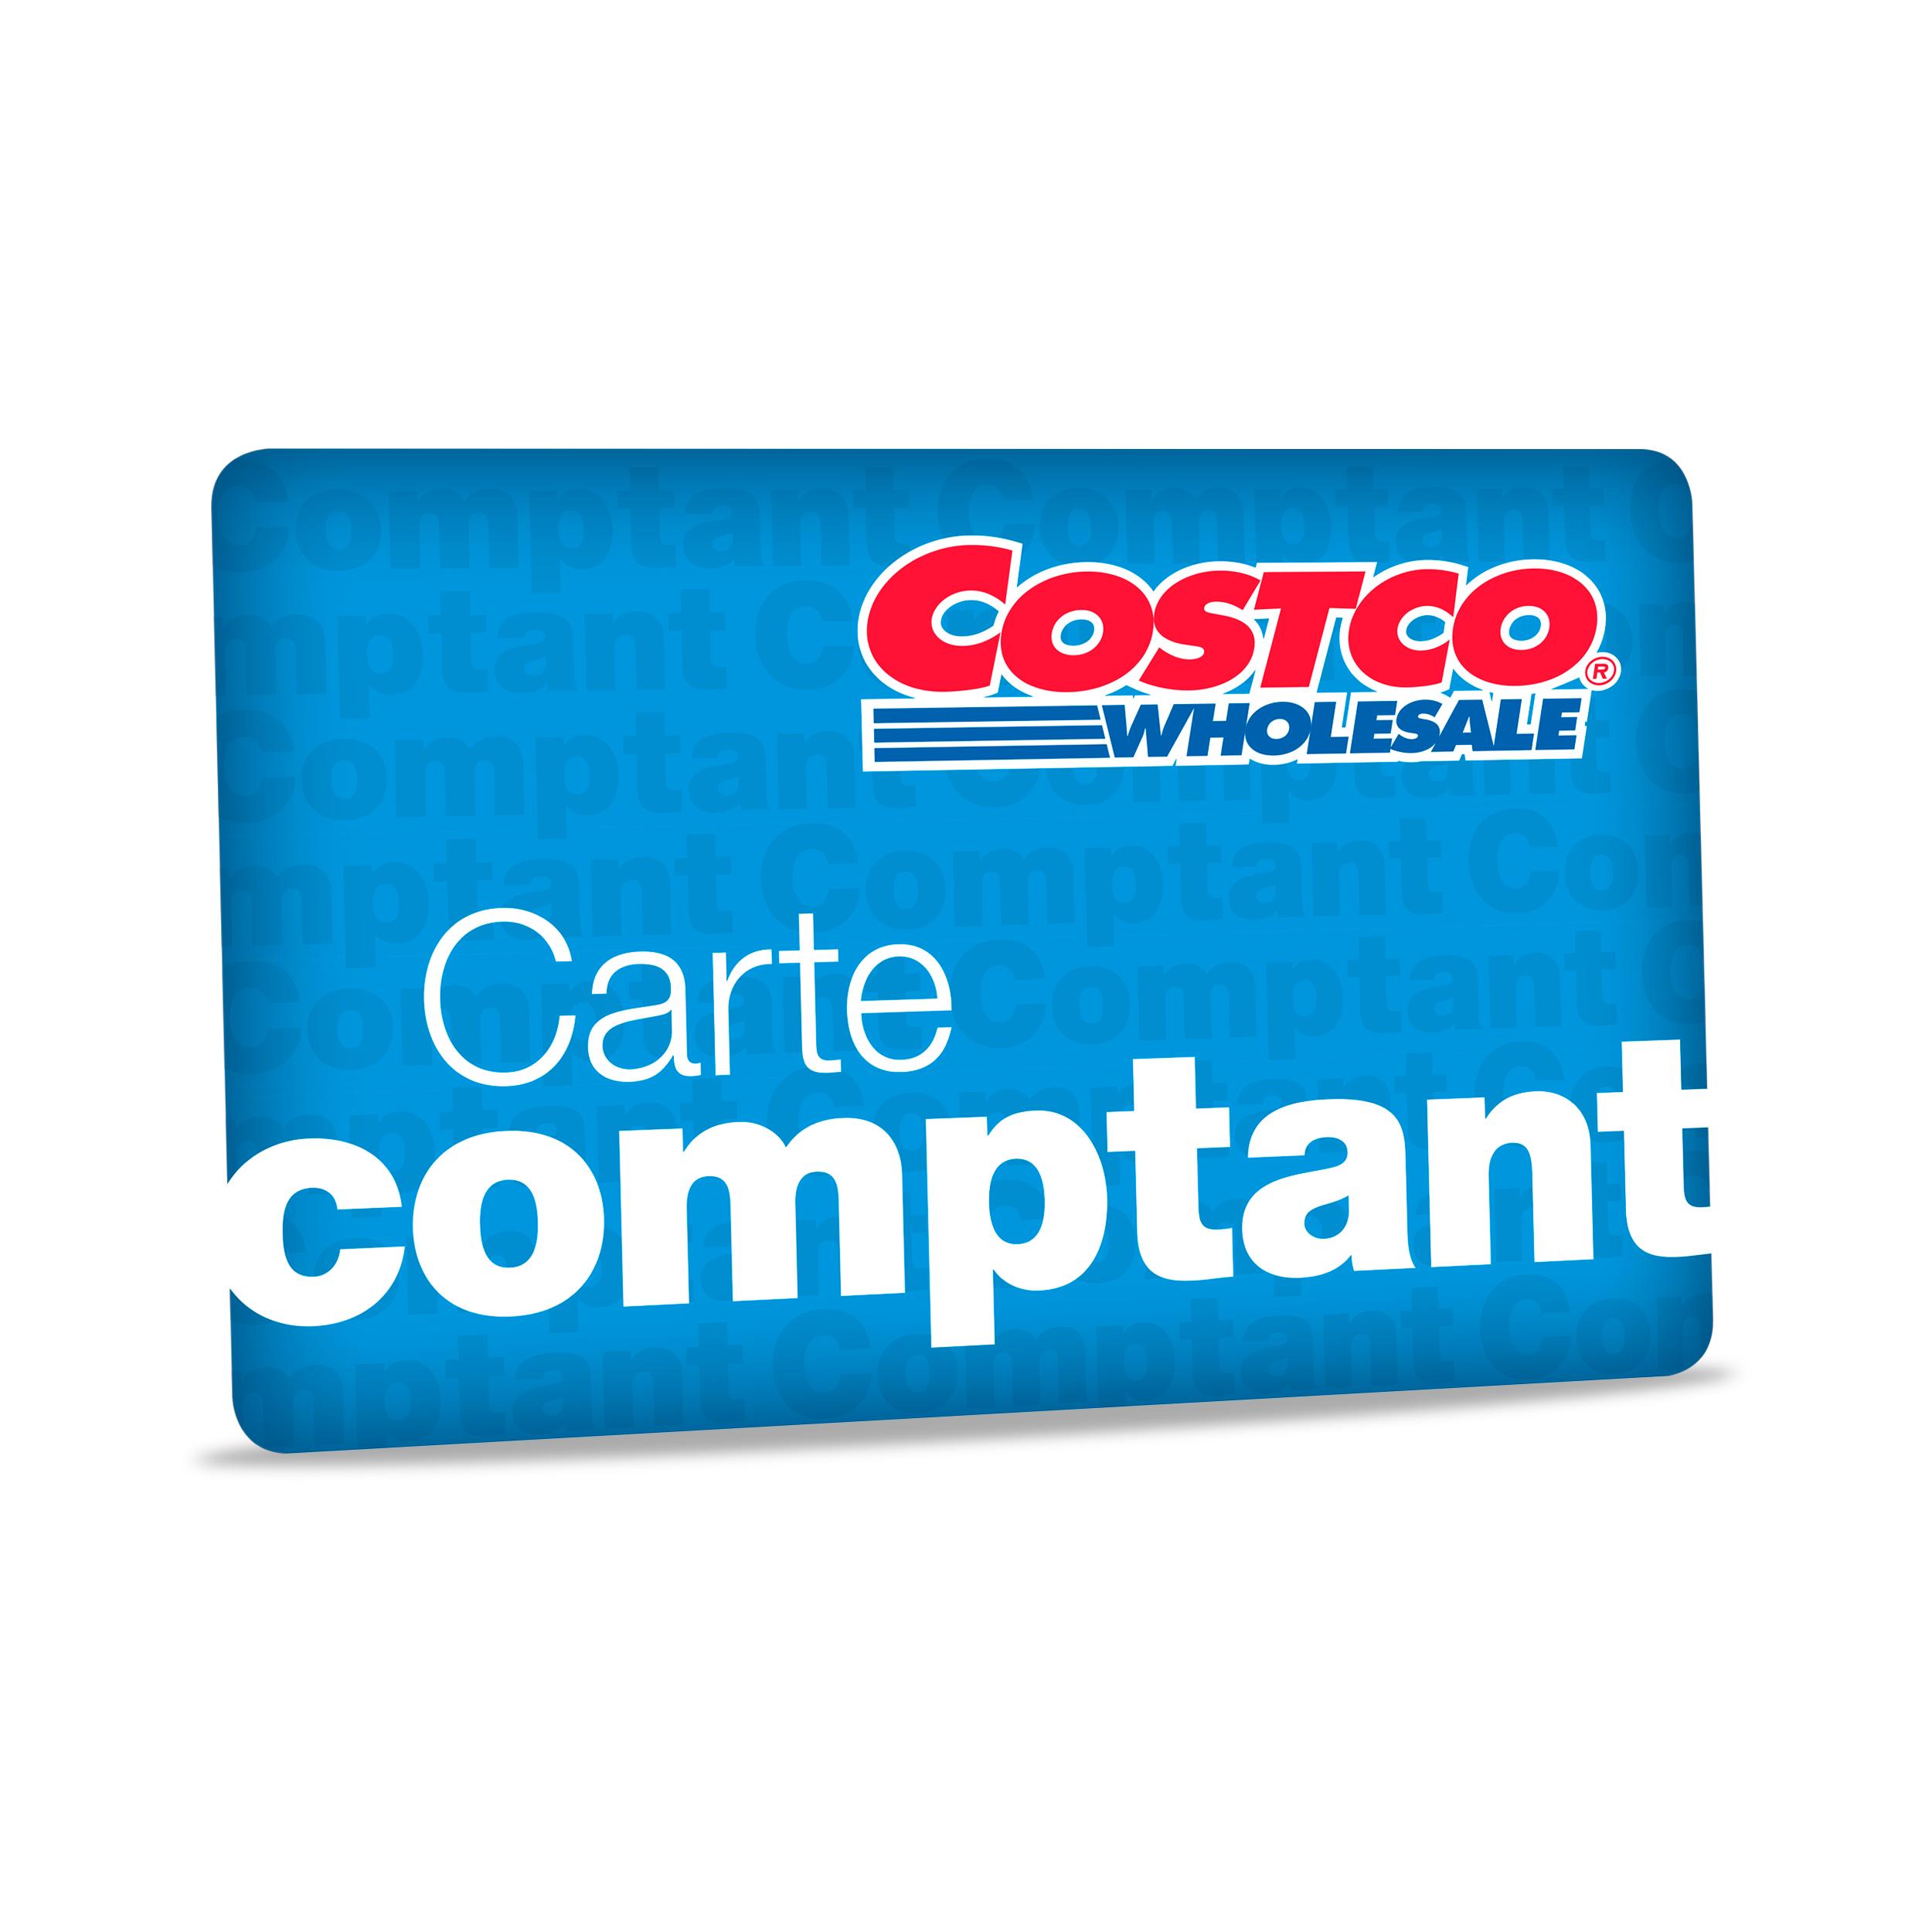 Carte cadeau Costco de 1200$  - Peut être utilisée dans tous les entrepôts Costco ou en ligne à Costco.ca - Aucune date d'expiration - Utilisable aux postes d'essence Costco